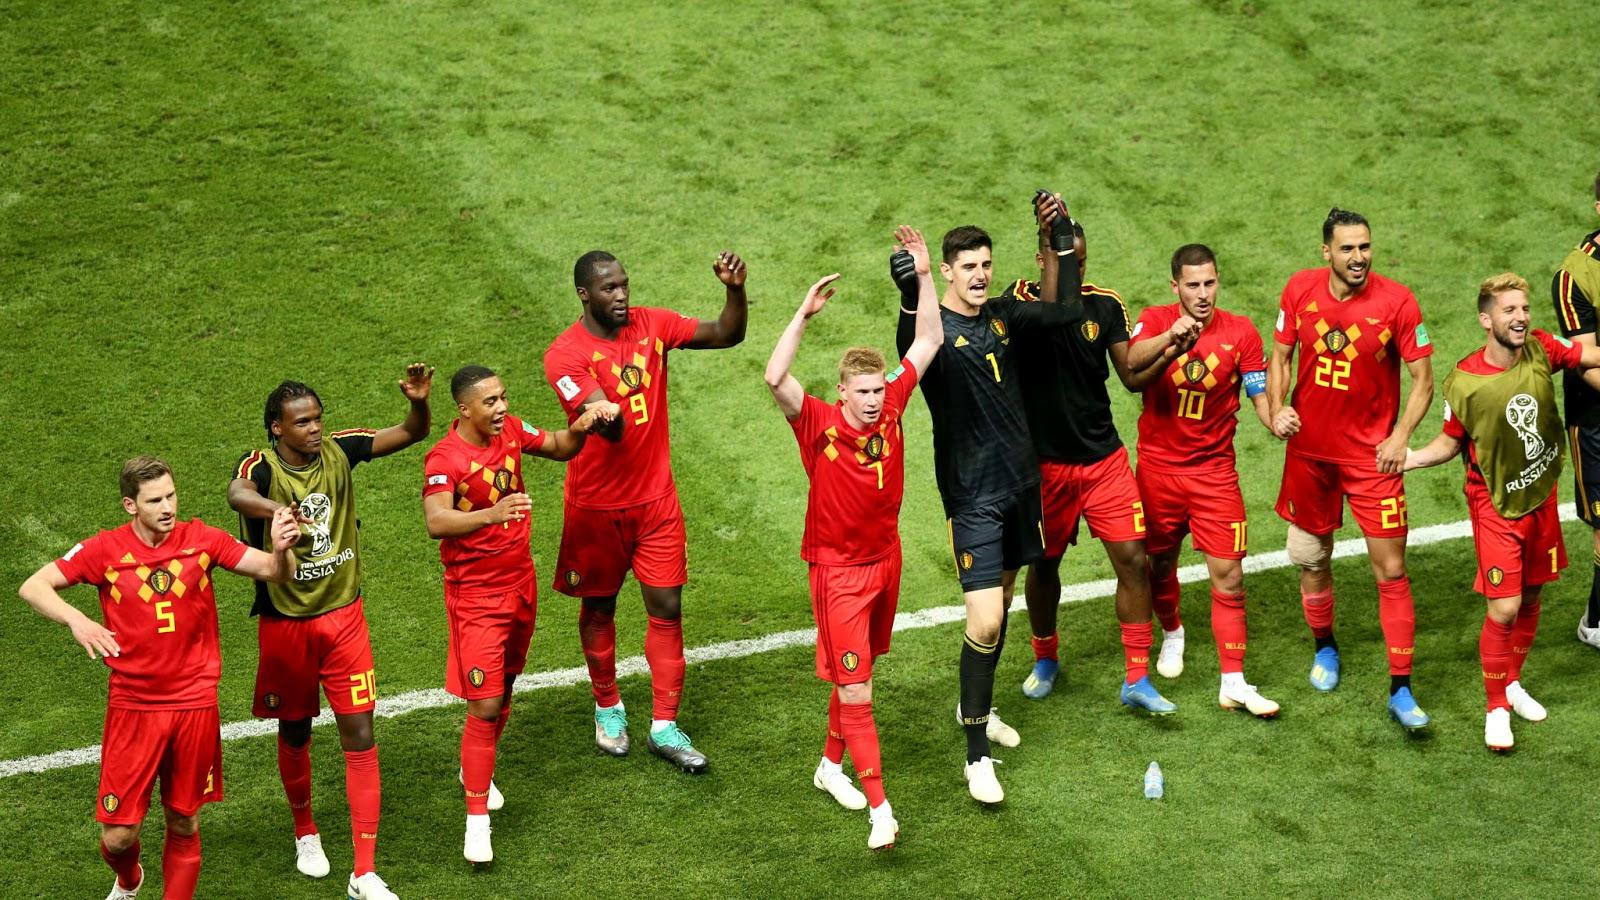 VÍDEO: Bélgica recibe su premio del mundial rusia 2018 por el tercer lugar